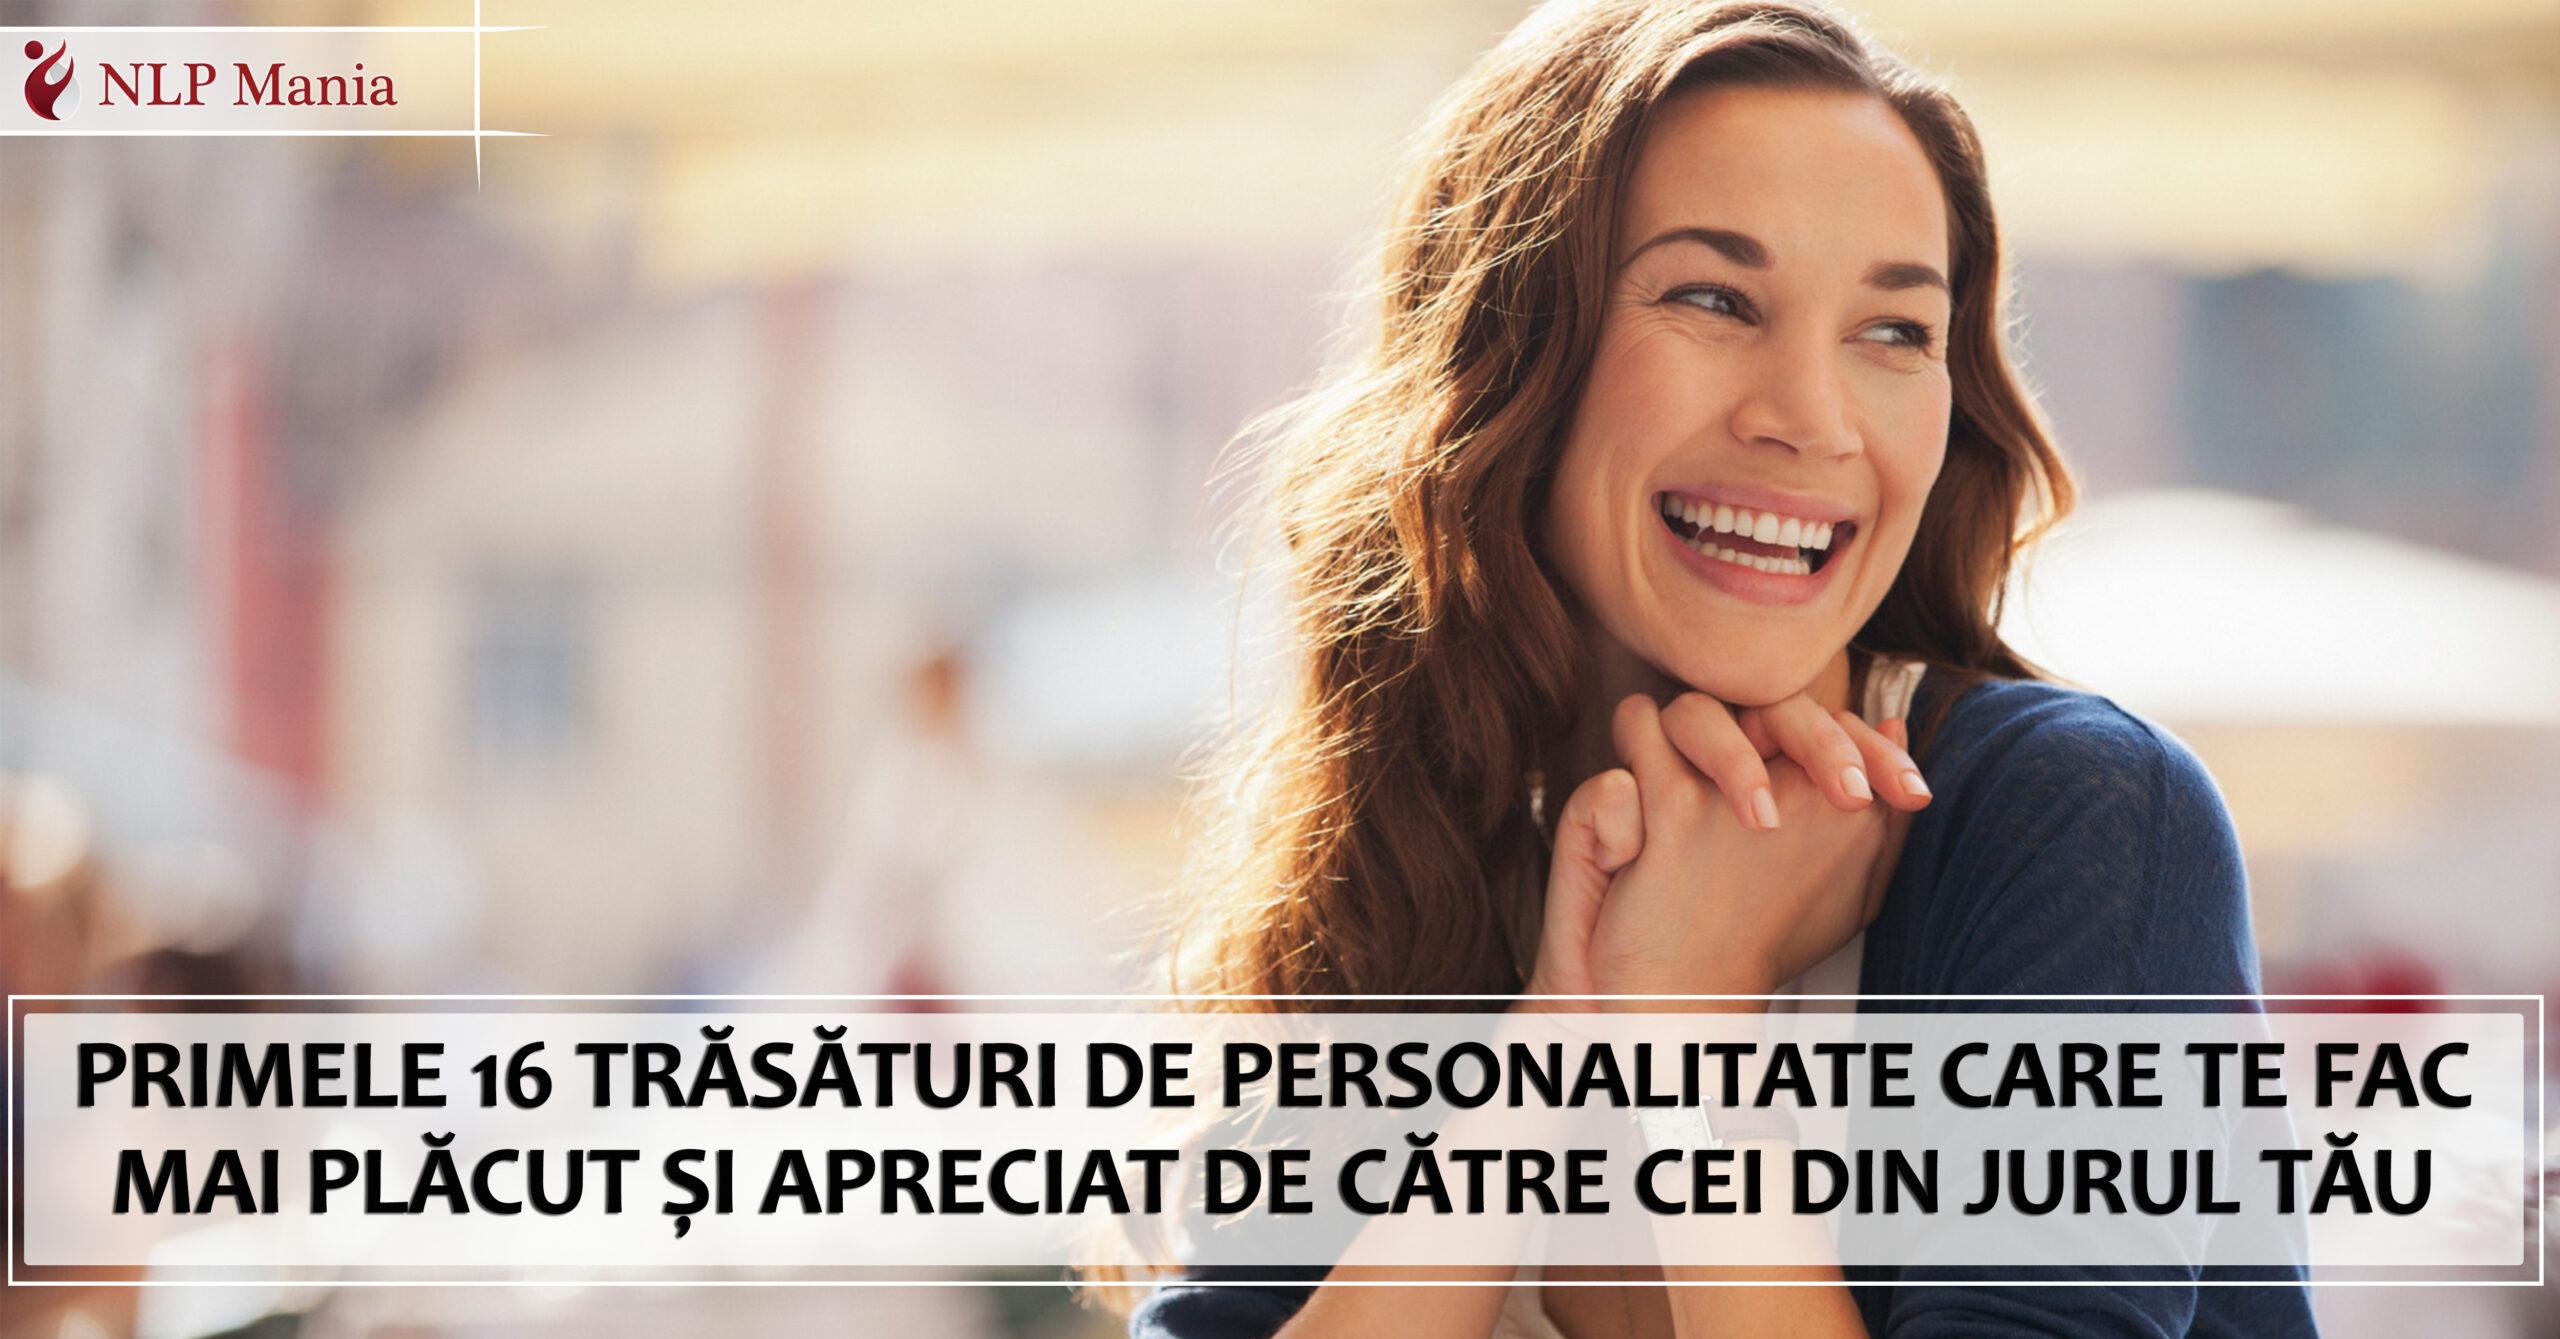 Cum sa fii mai atractiv pentru cei din jurul tău